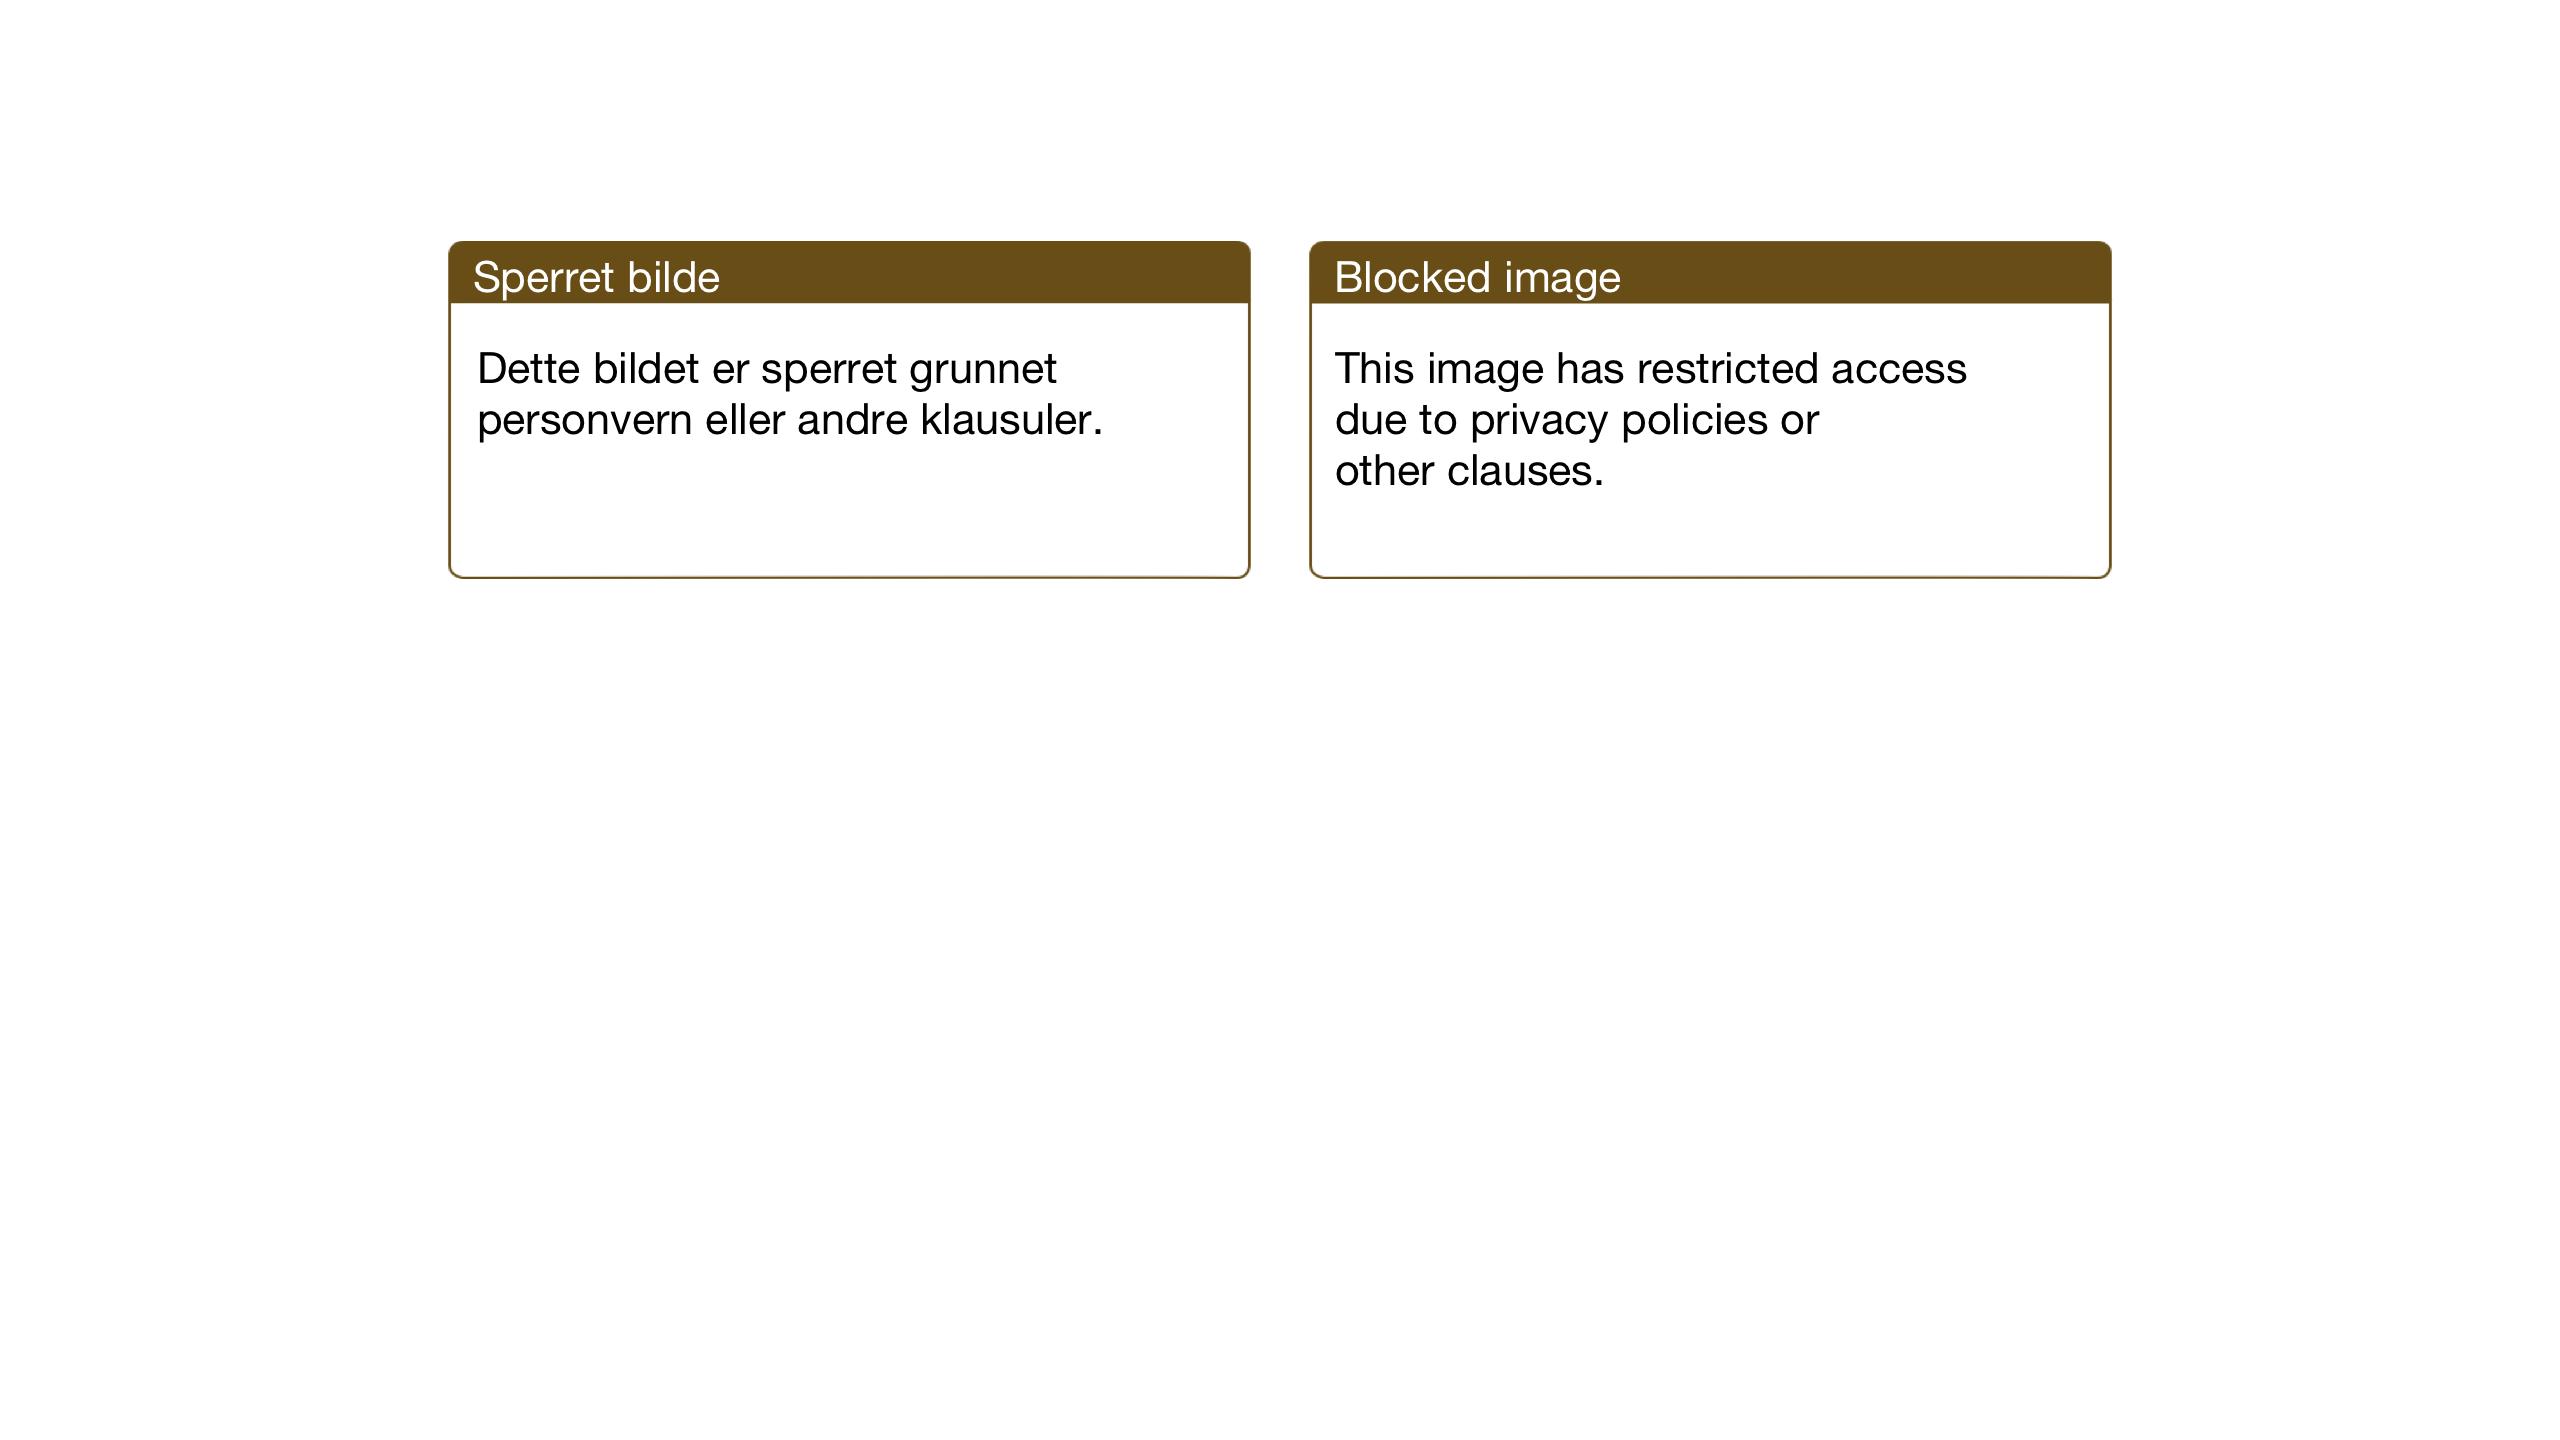 SAT, Ministerialprotokoller, klokkerbøker og fødselsregistre - Sør-Trøndelag, 638/L0569: Klokkerbok nr. 638C01, 1923-1961, s. 219